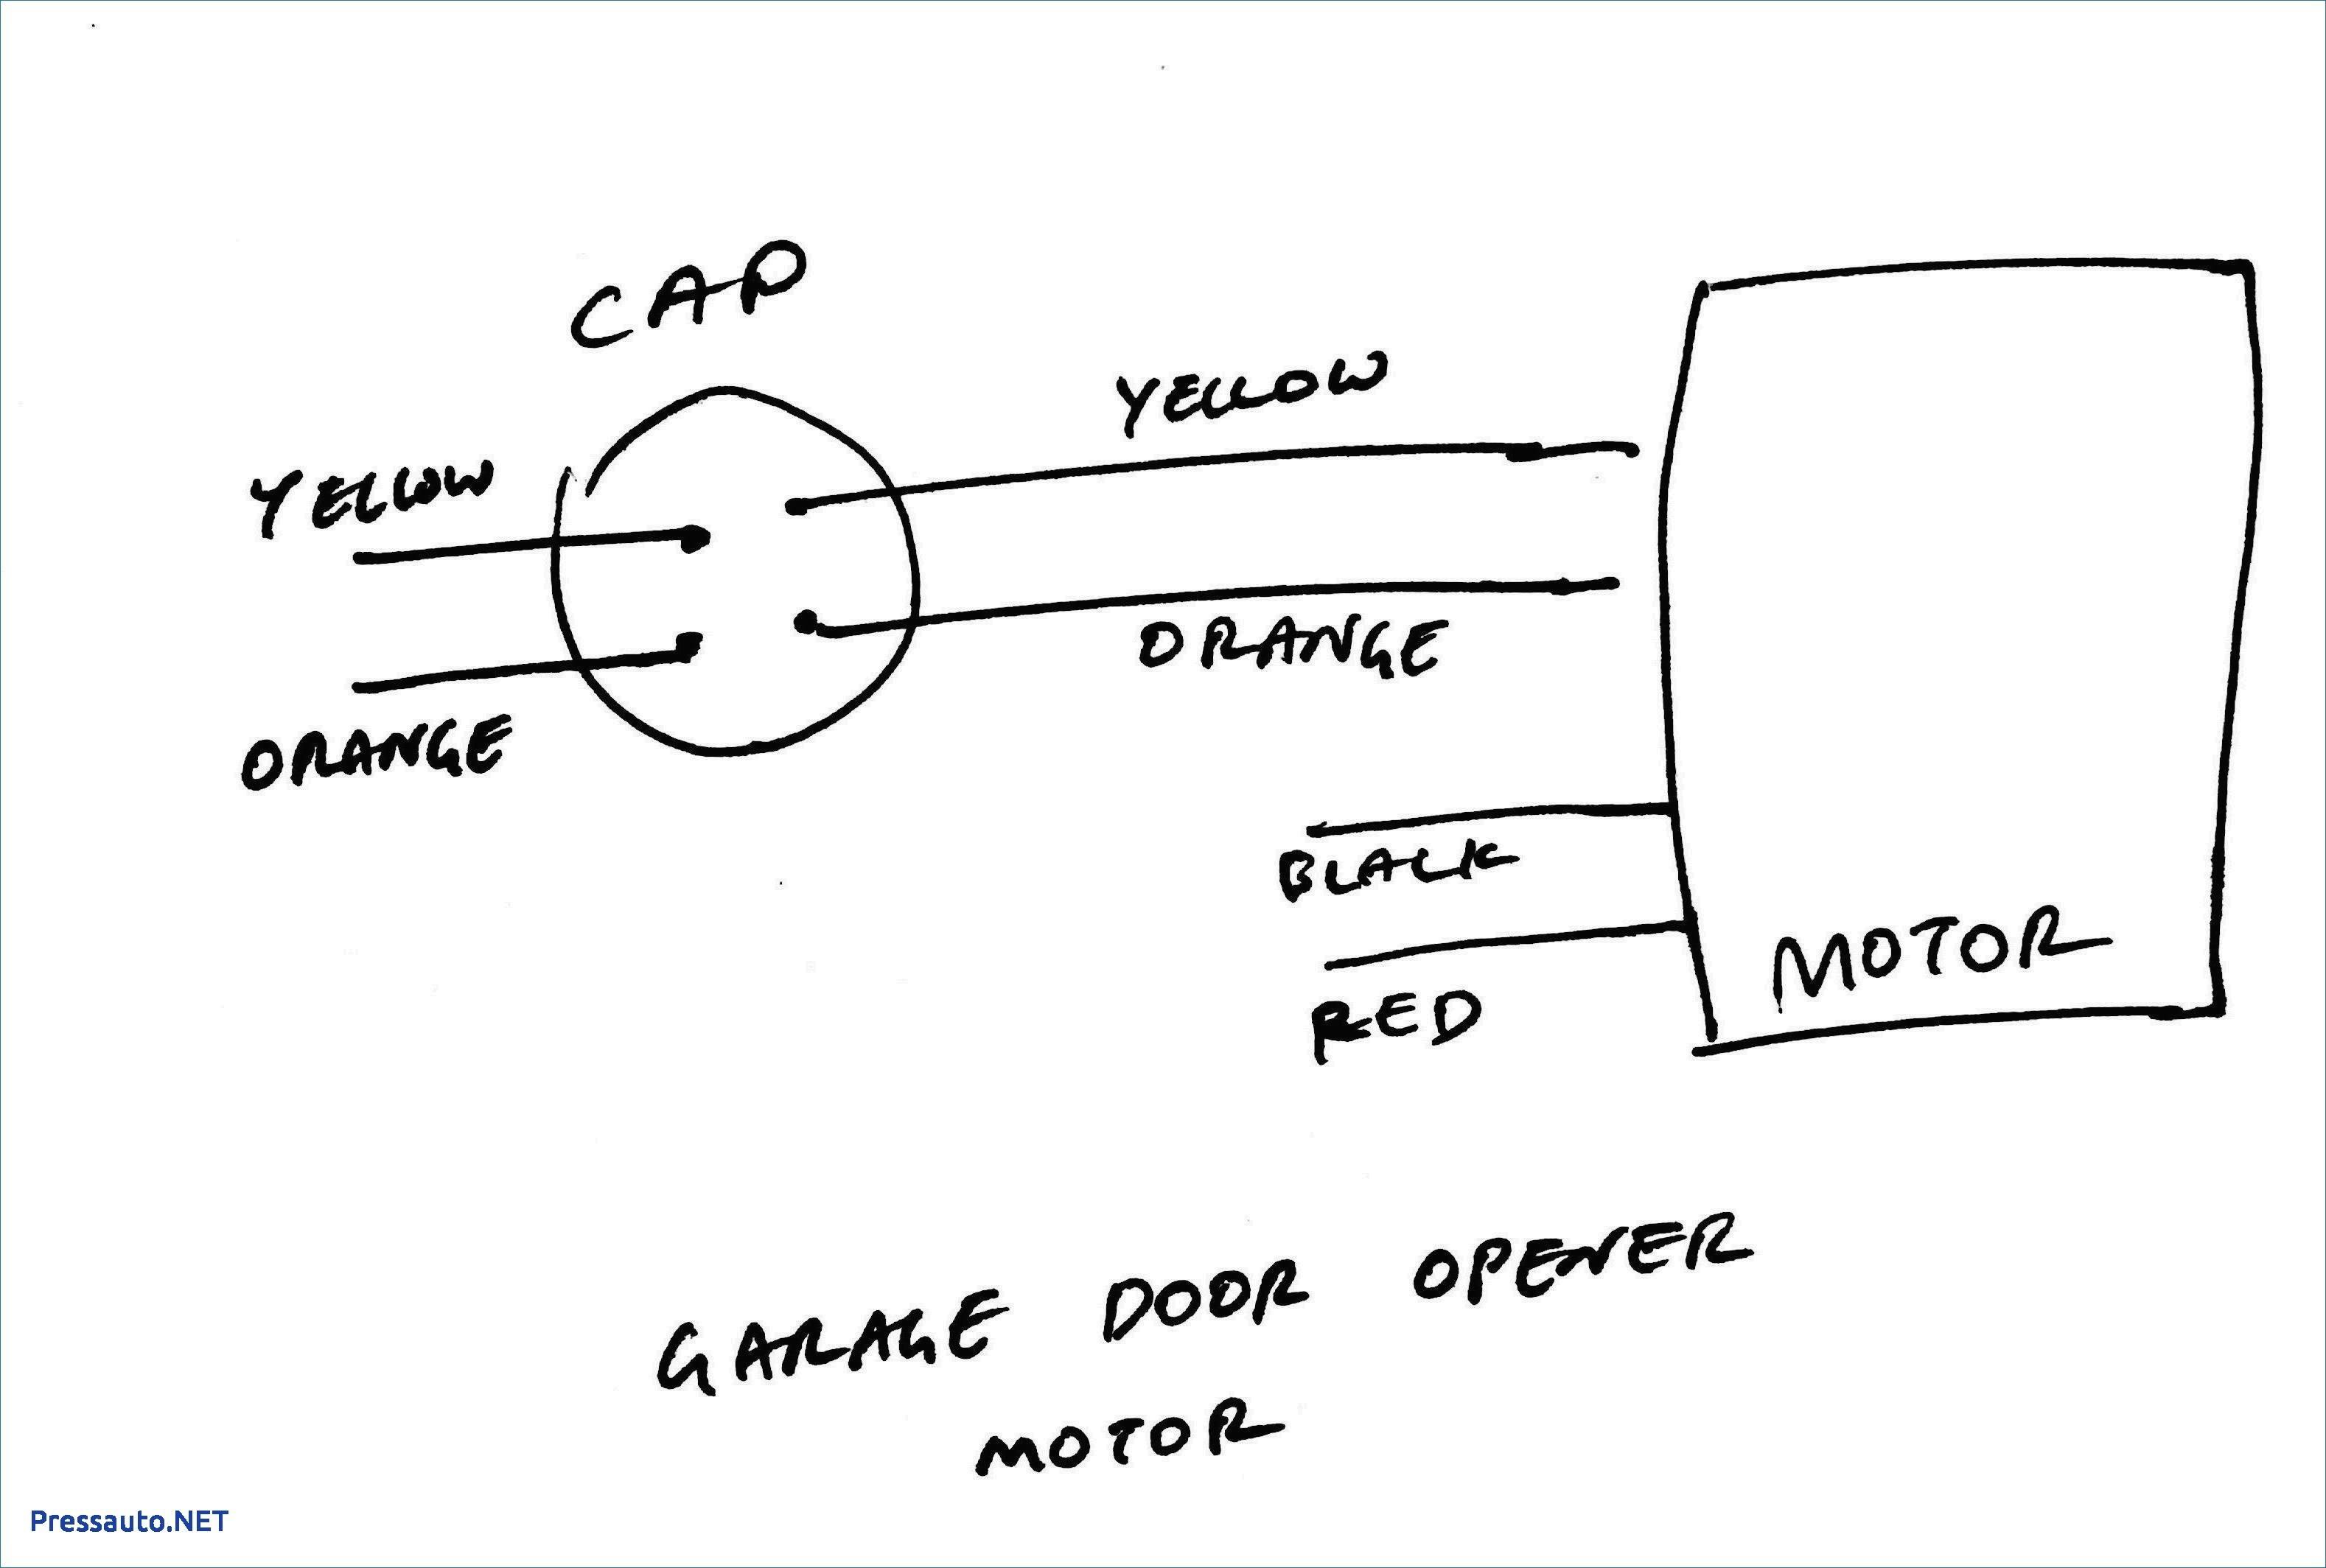 Electric Fan Wiring Diagram Beautiful Fantastic Ac Fan Motor Wiring Diagram Gallery Electrical and